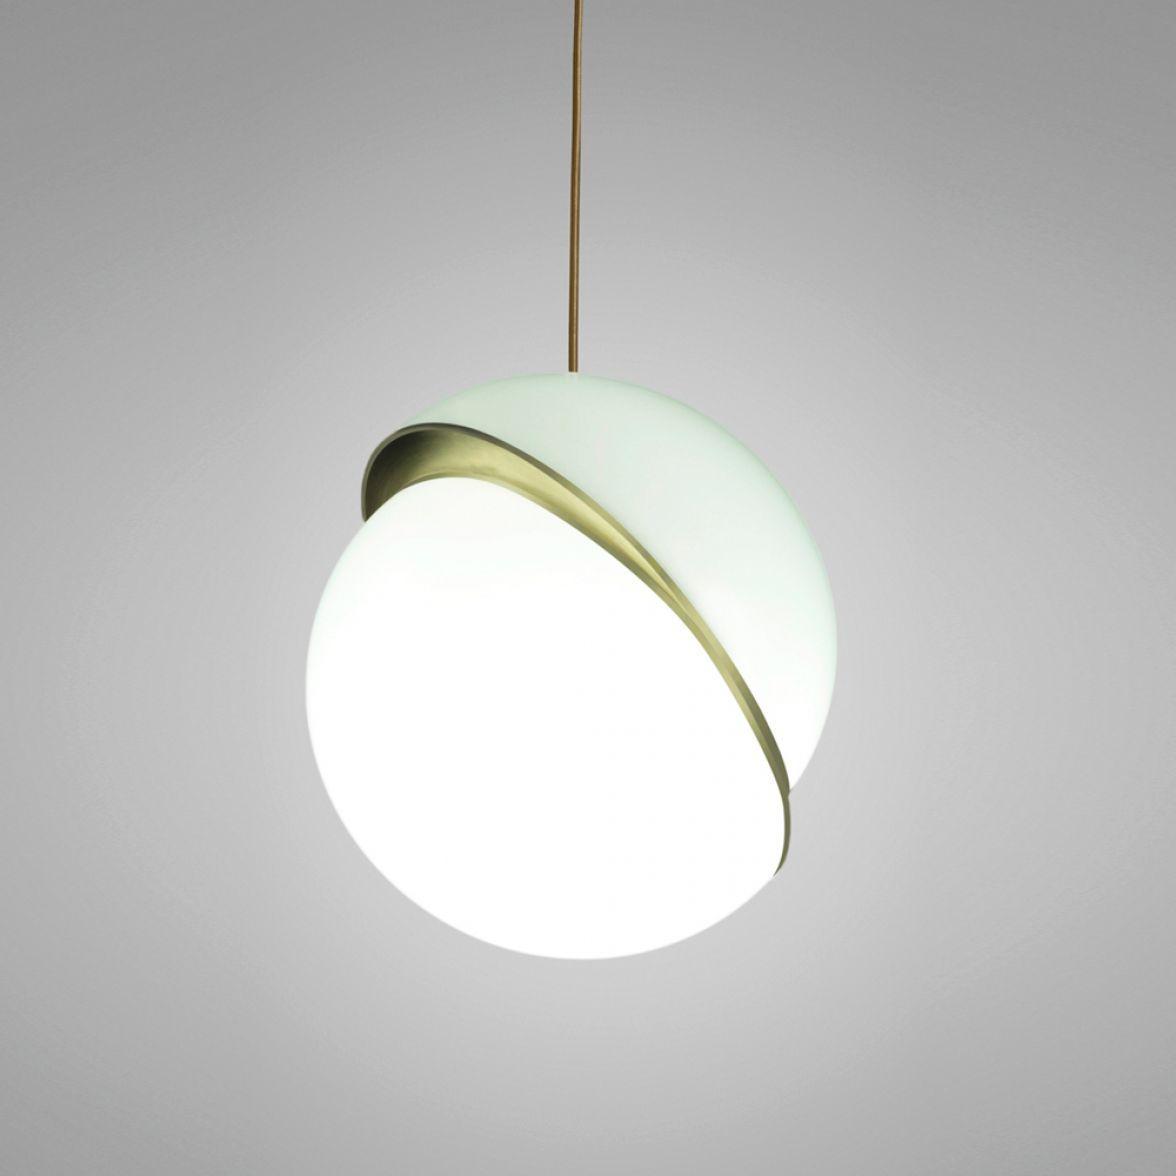 Подвесной светильник Crescent  фото цена